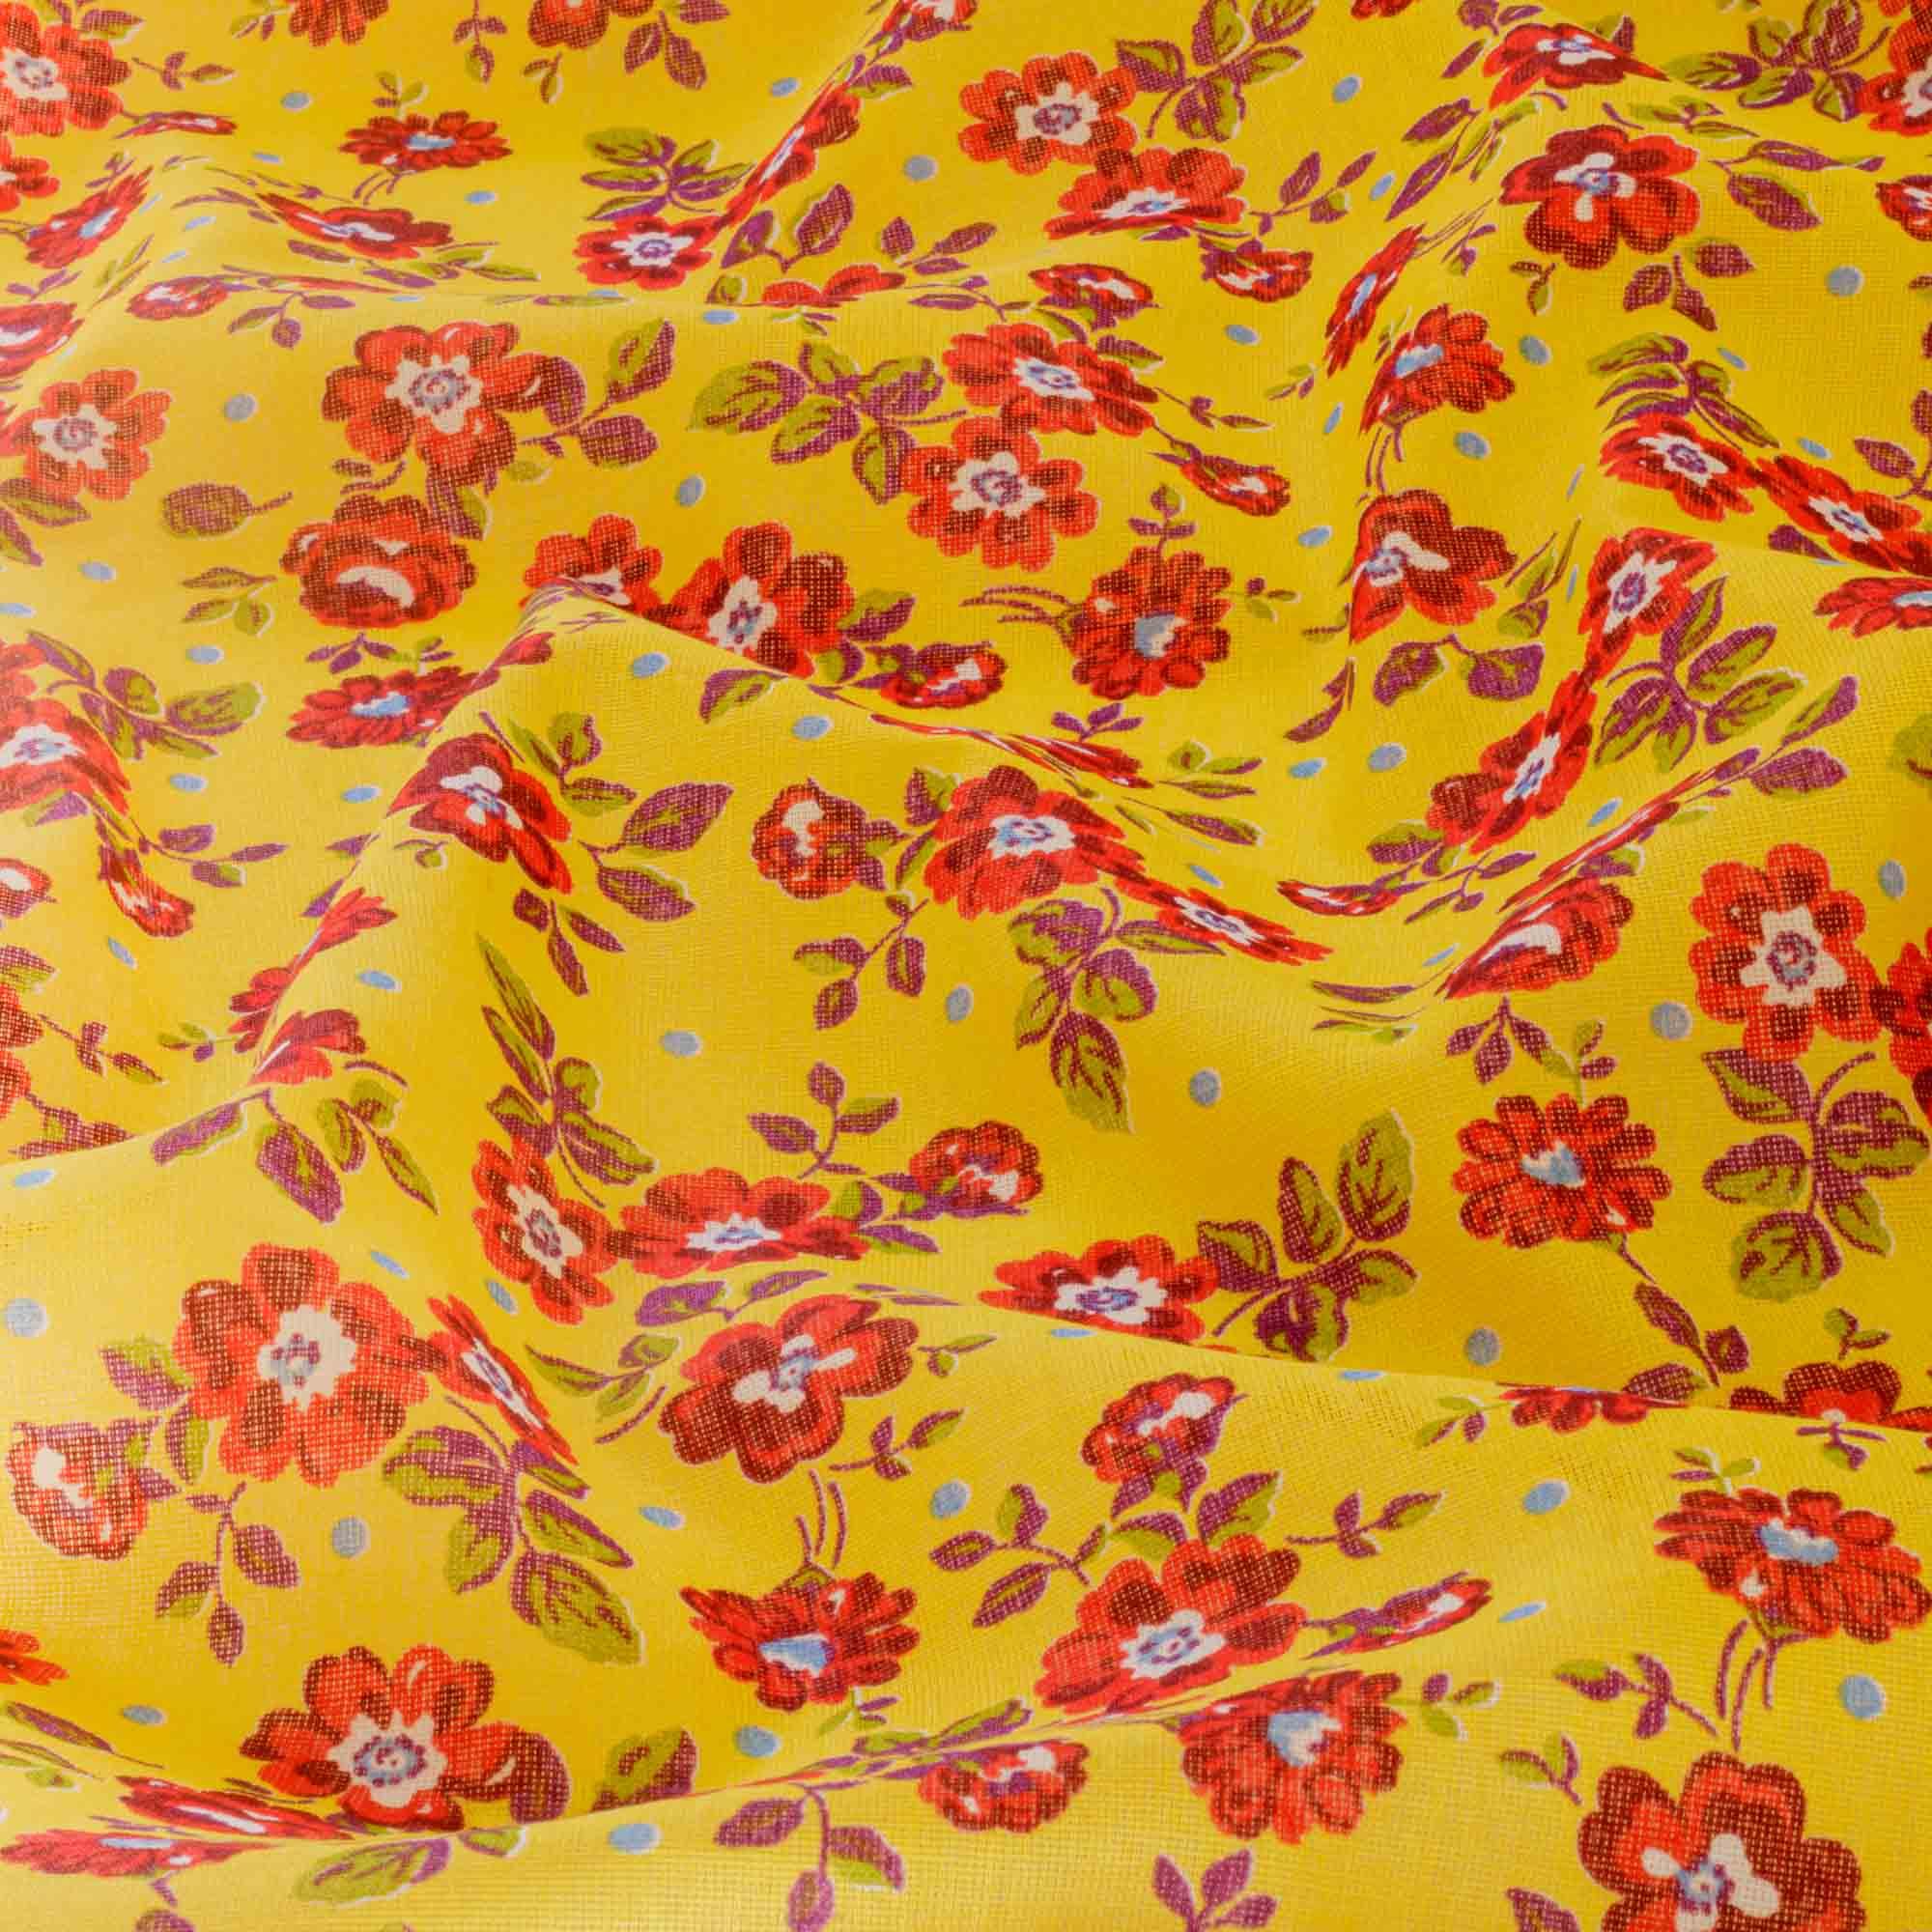 Tecido Chita Estampada Floral Fundo Amarelo Canario 100% Algodão 1,40 Mt Largura